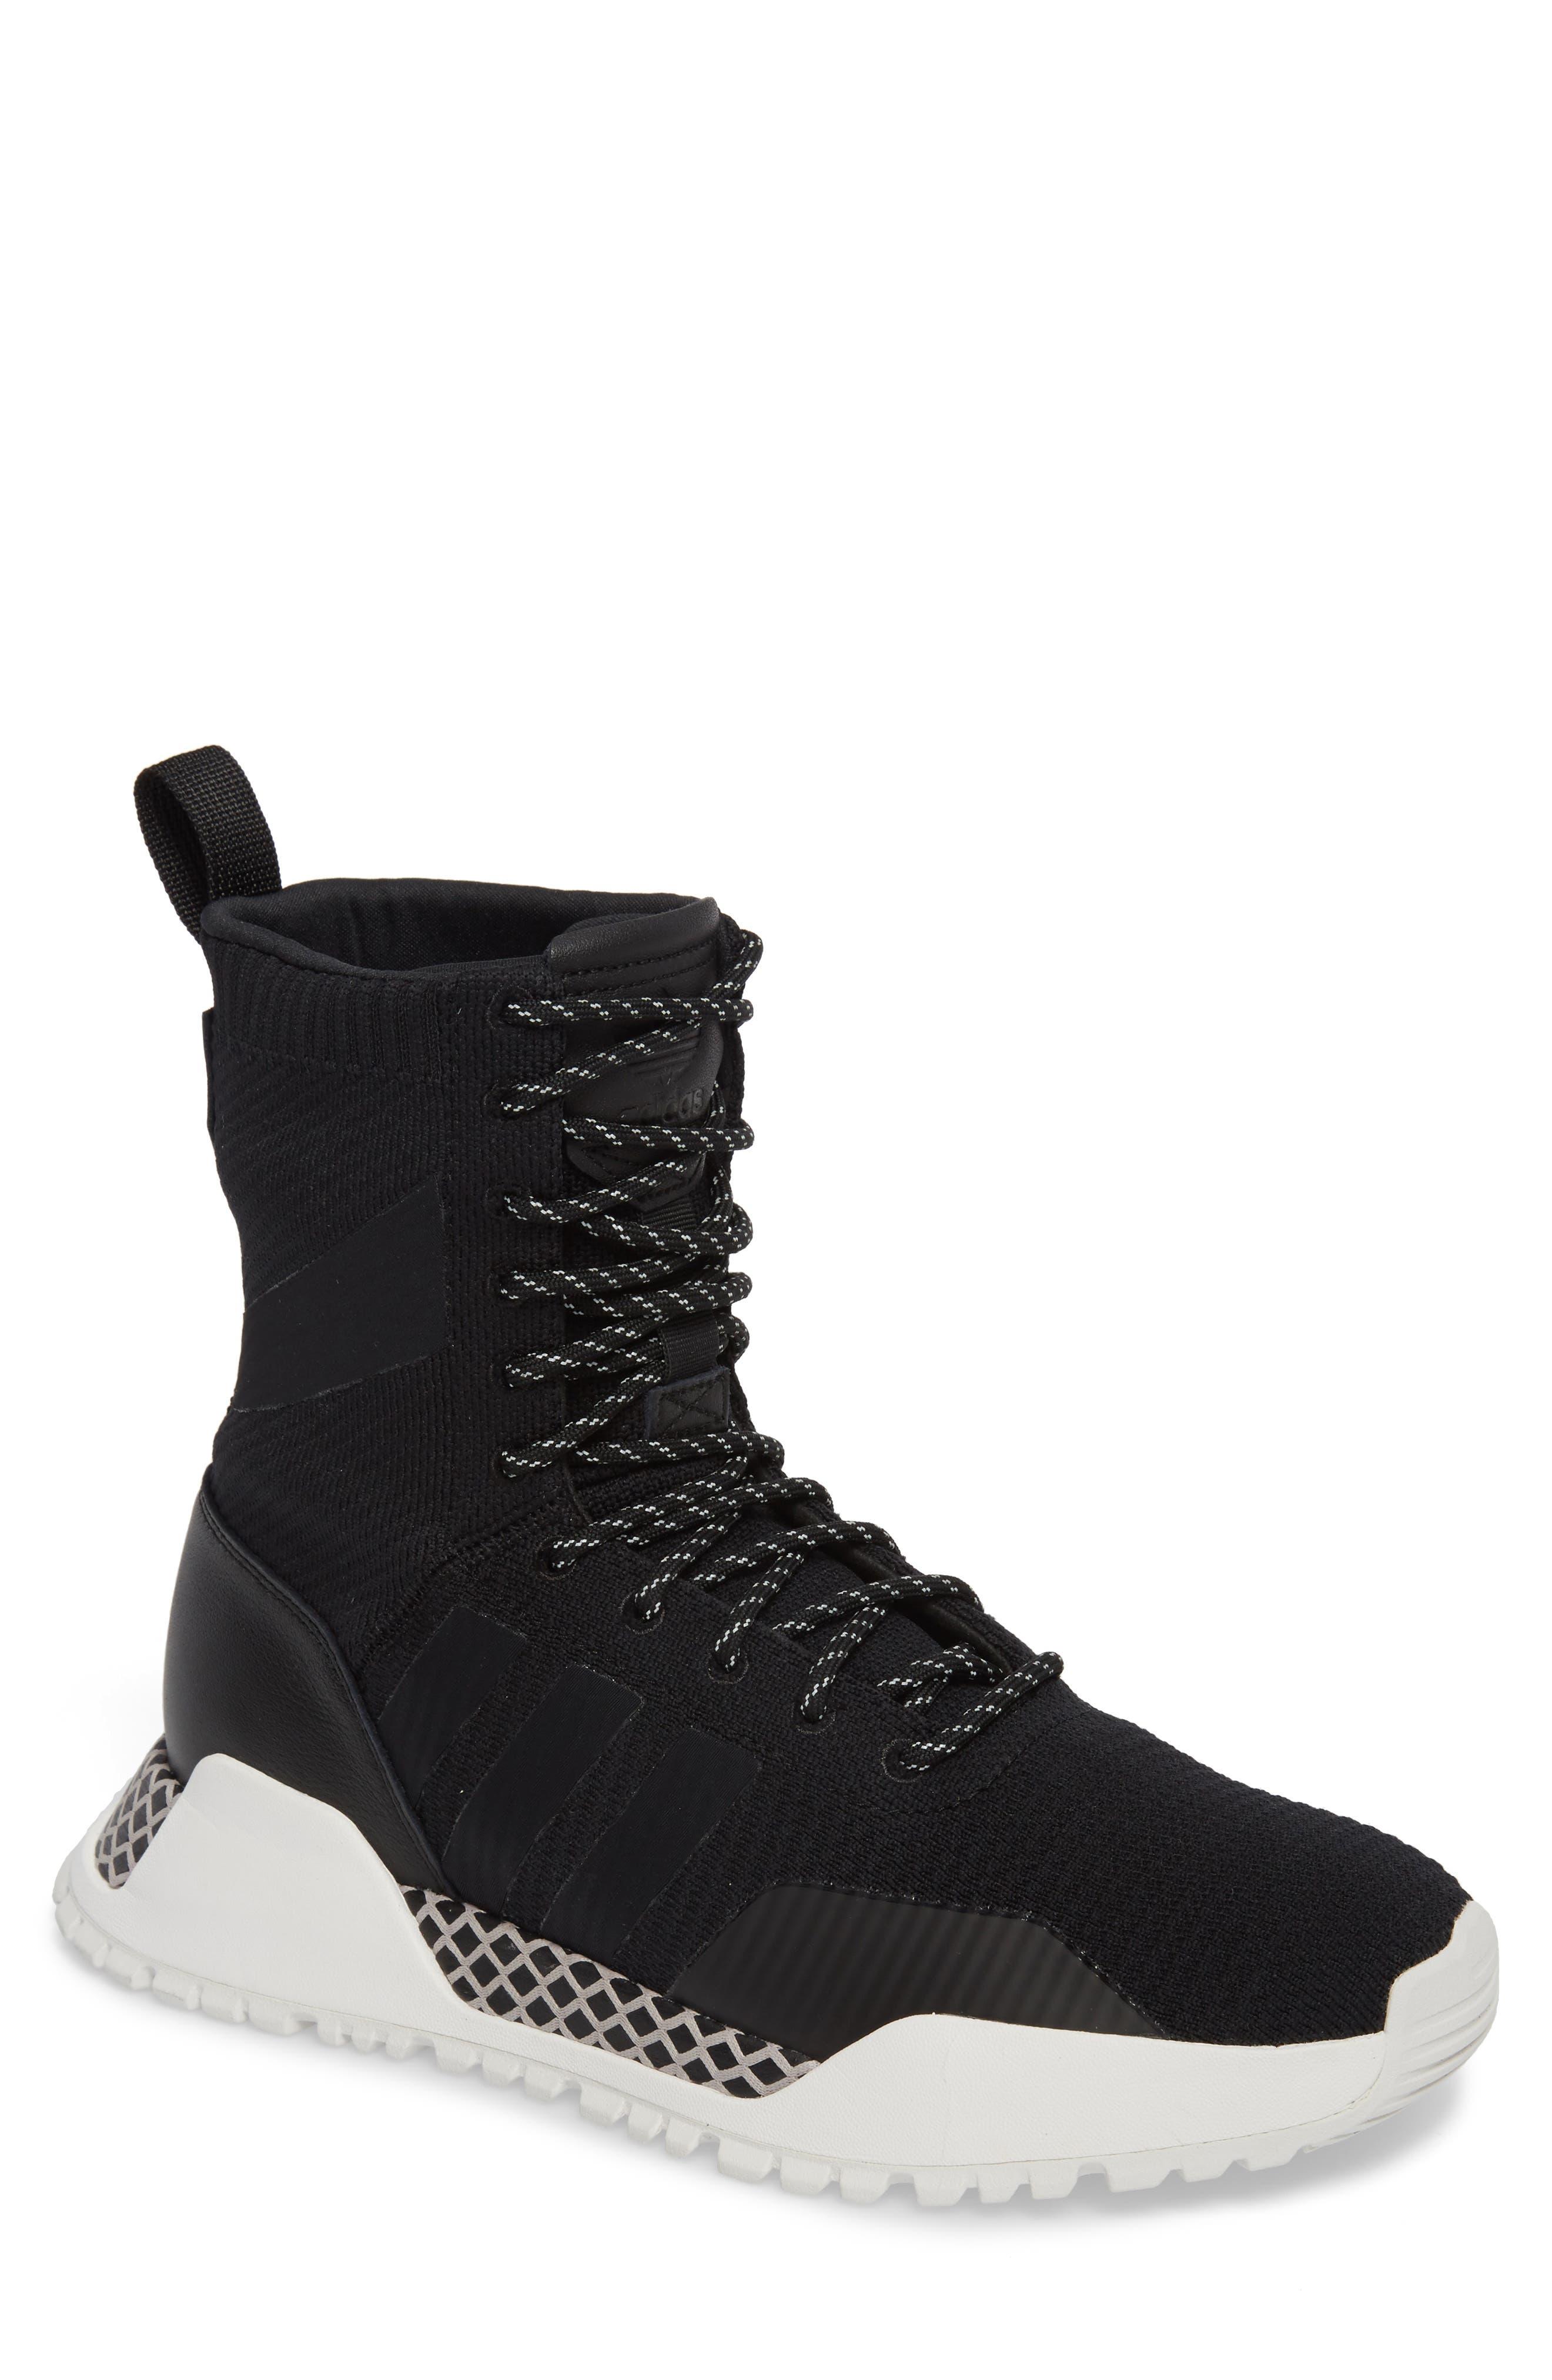 adidas AF 1.3 Weatherproof Primeknit Sneaker Boot (Men)